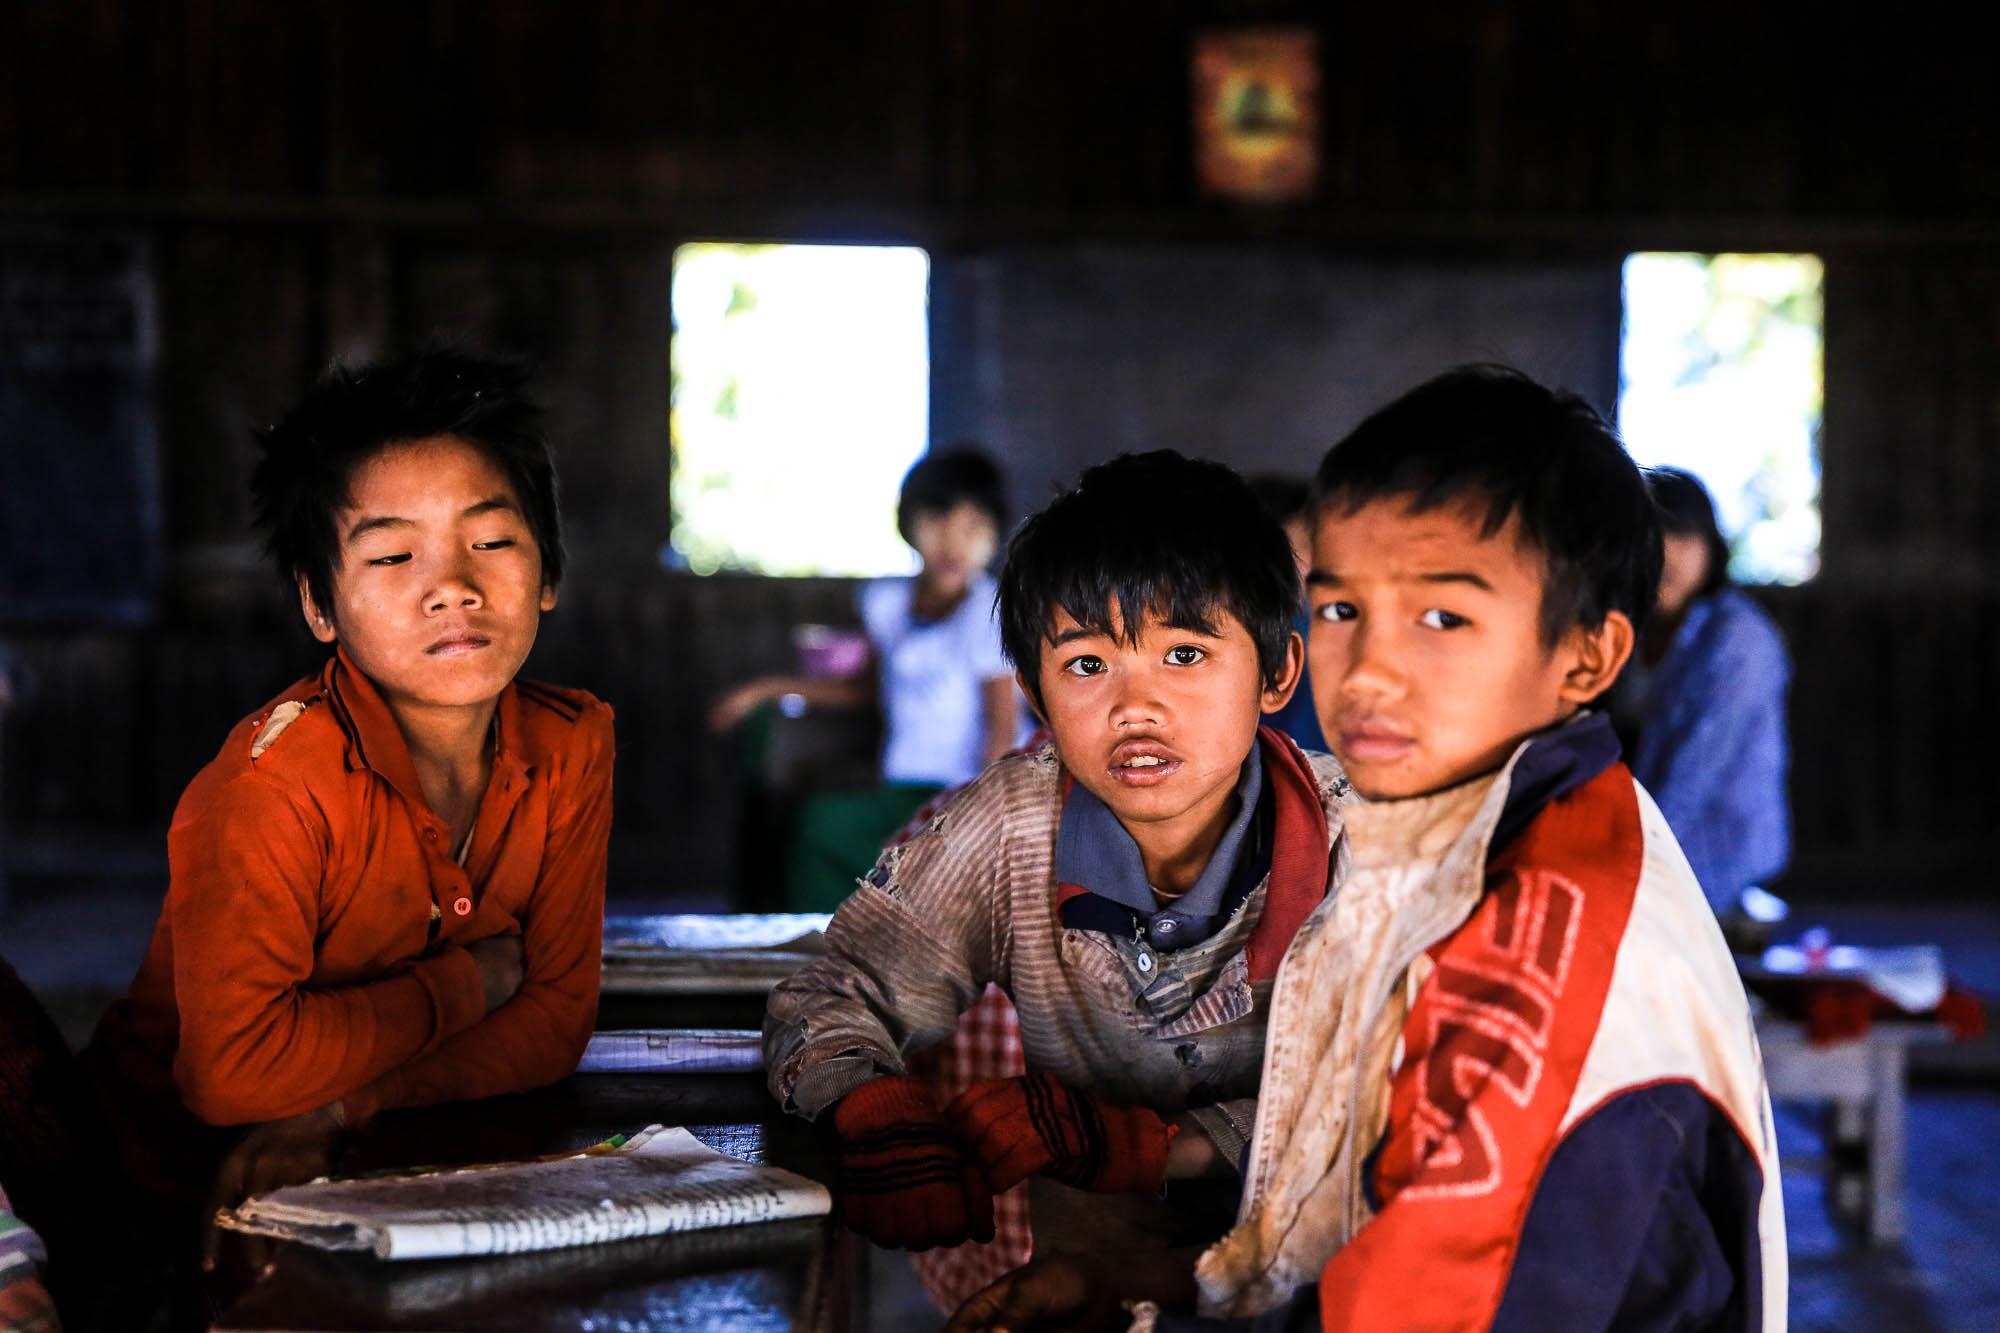 Myanmar_2014_JusMedic-1039